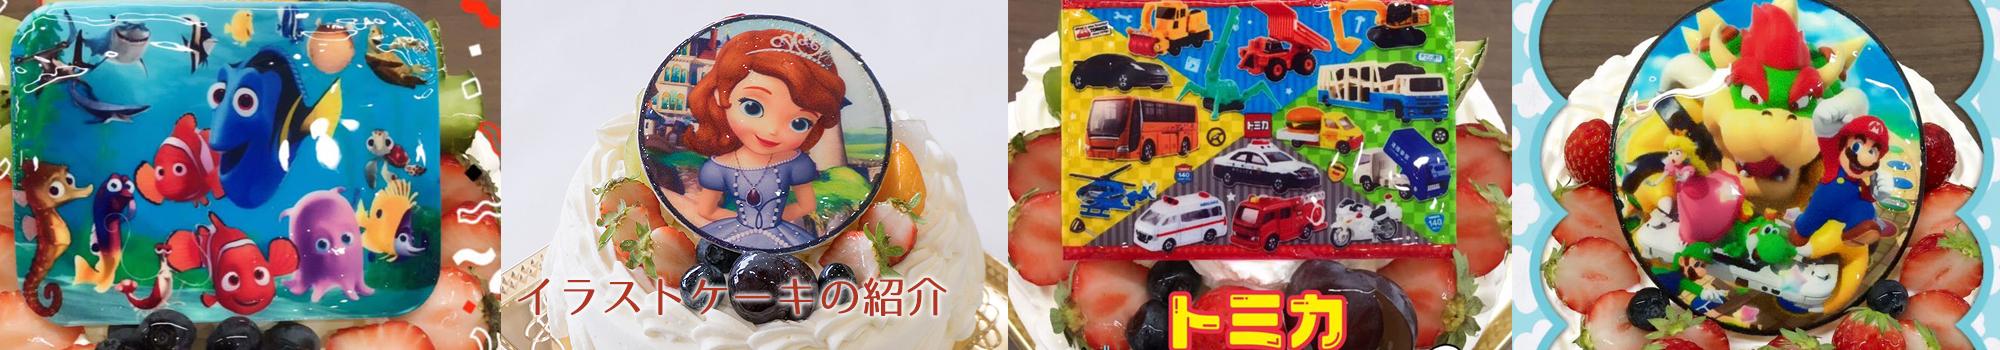 オリジナルケーキ作品集